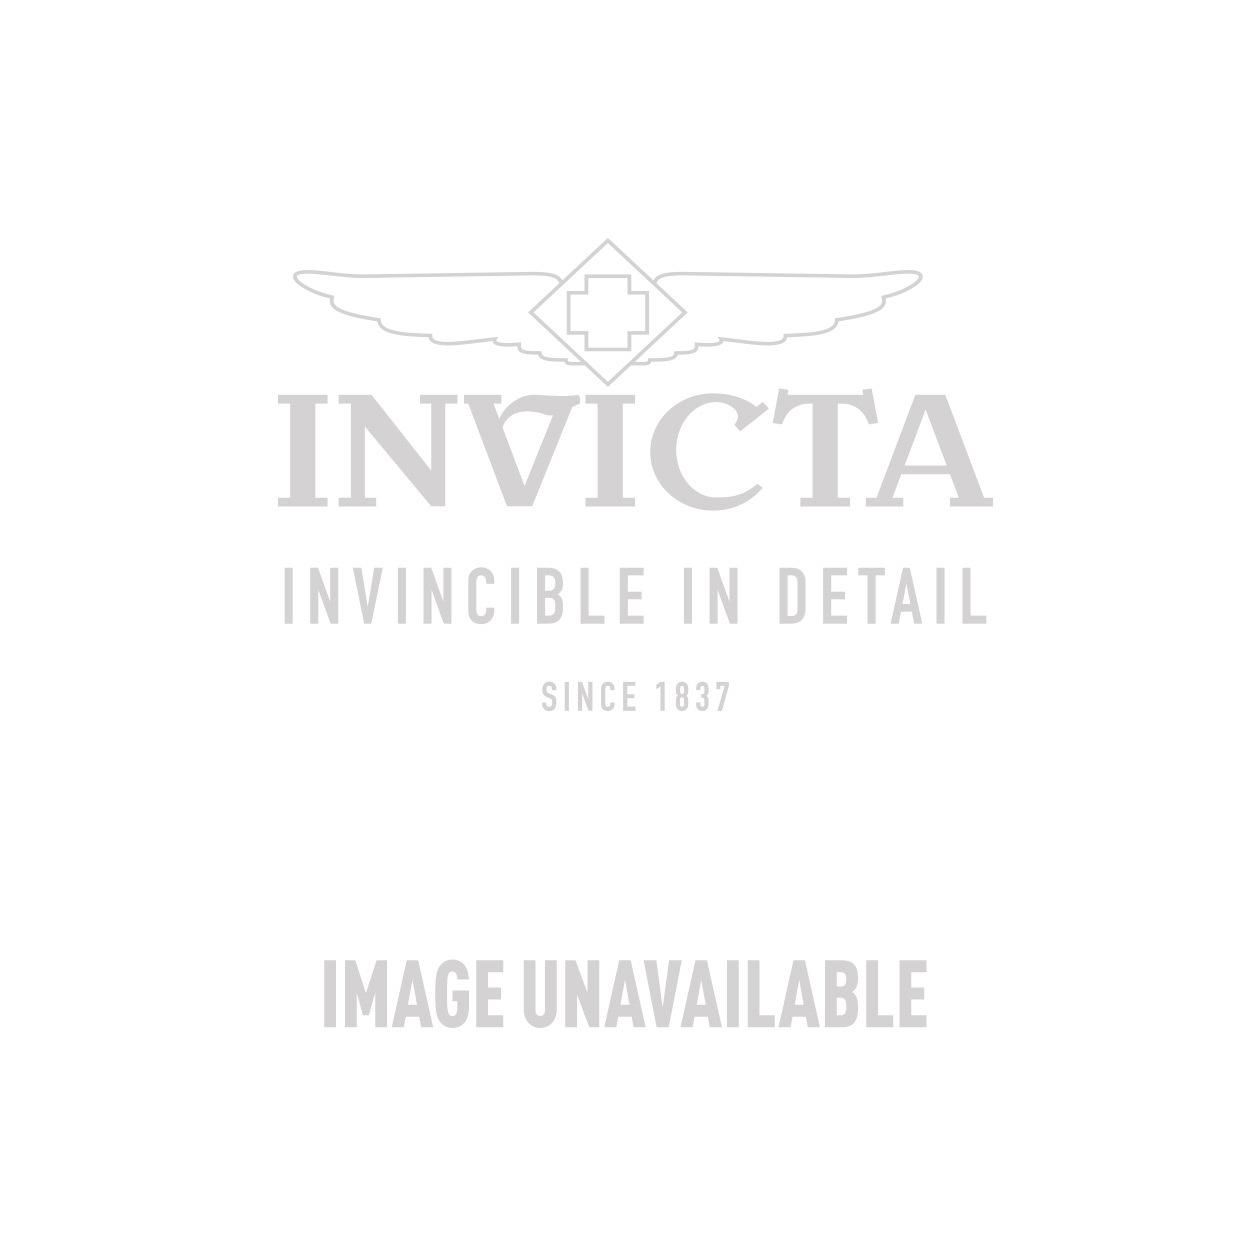 Invicta Model 21735